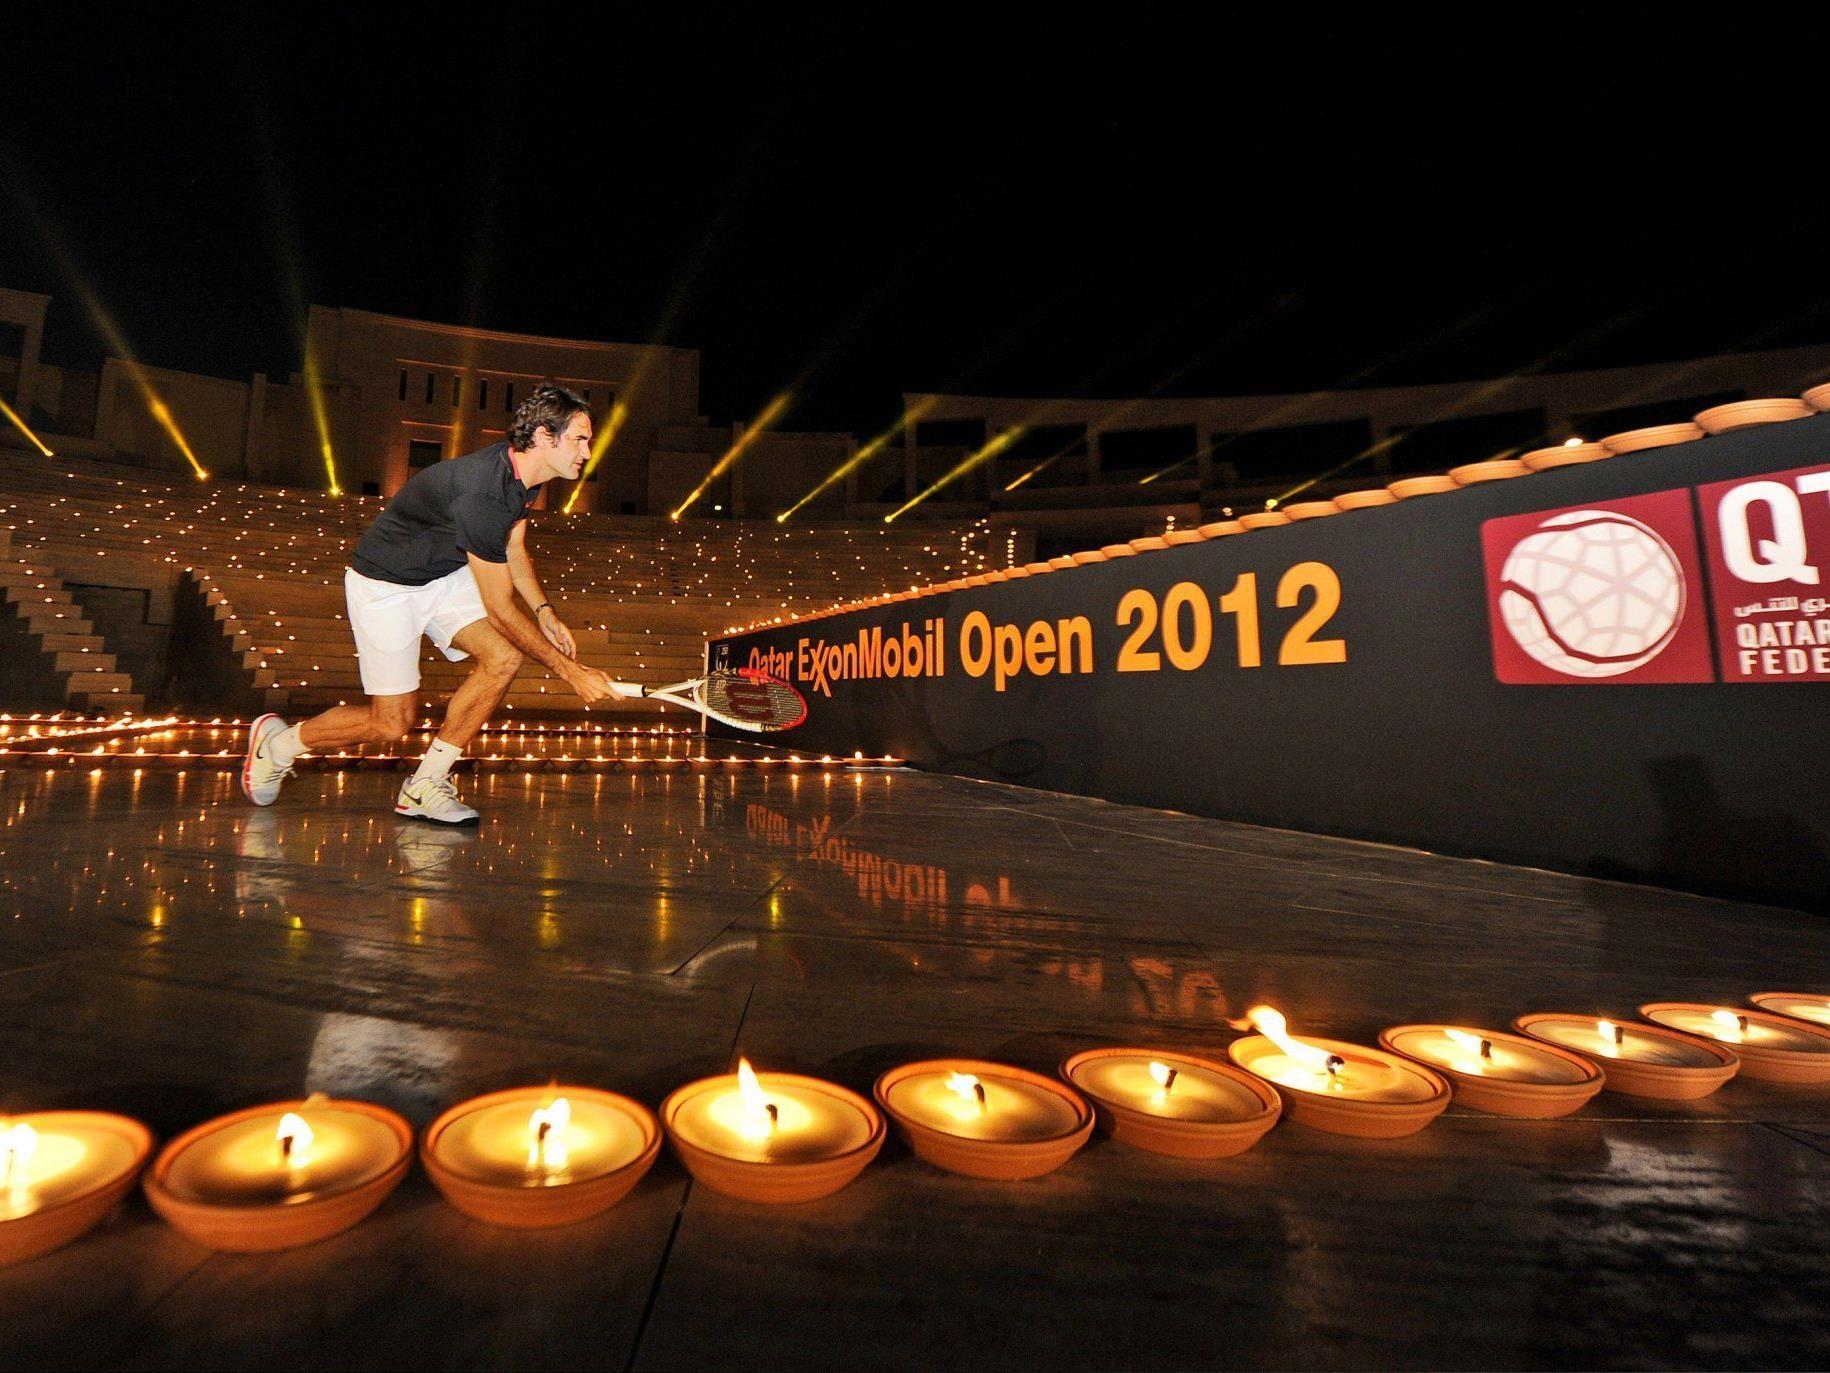 Federer und Nadal duellieren sich im Kerzenschein vor dem Jahresauftakt in Doha.